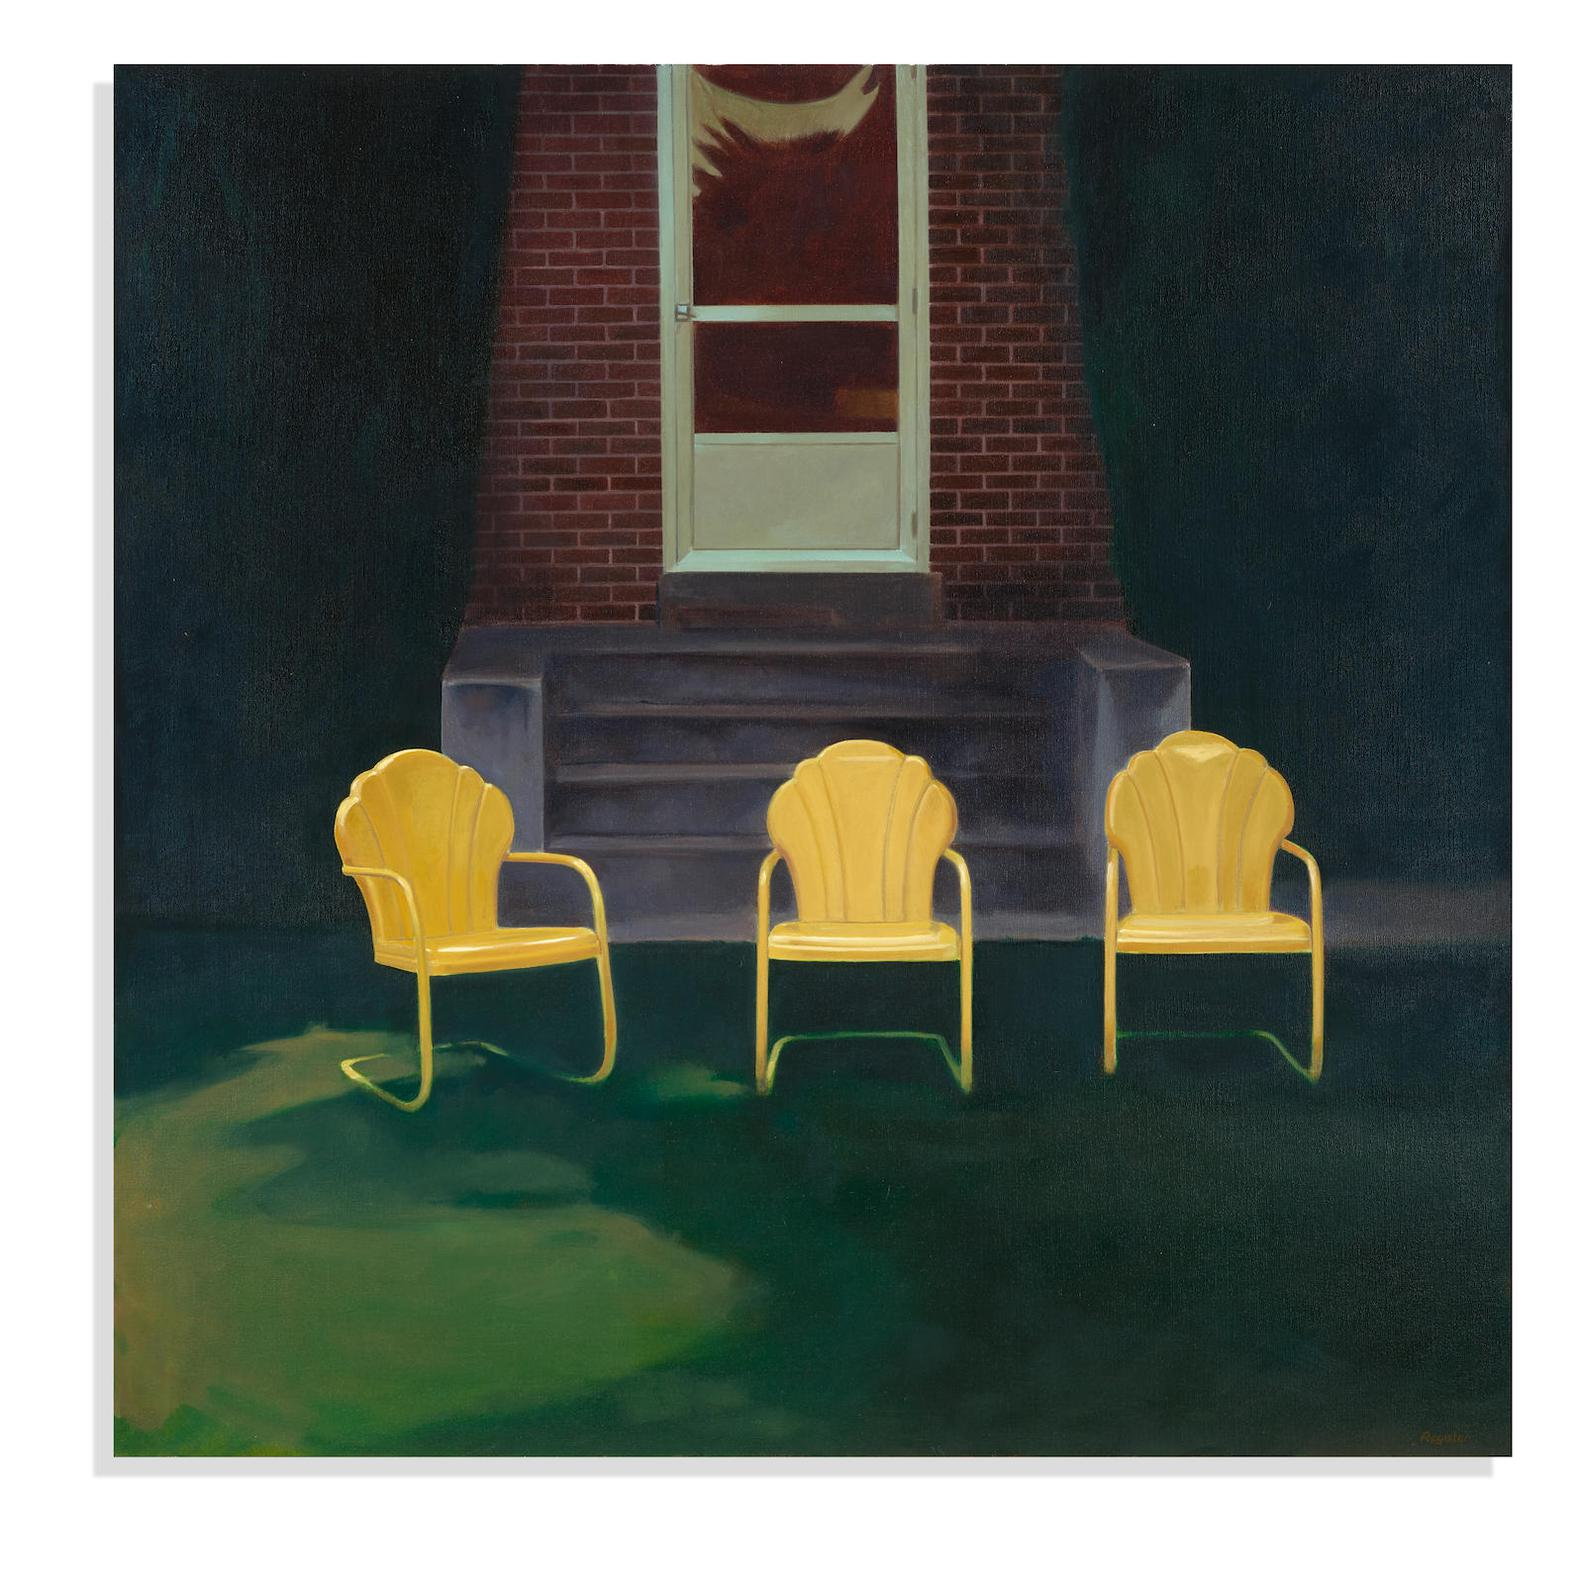 John Register-Three Yellow Chairs-1976